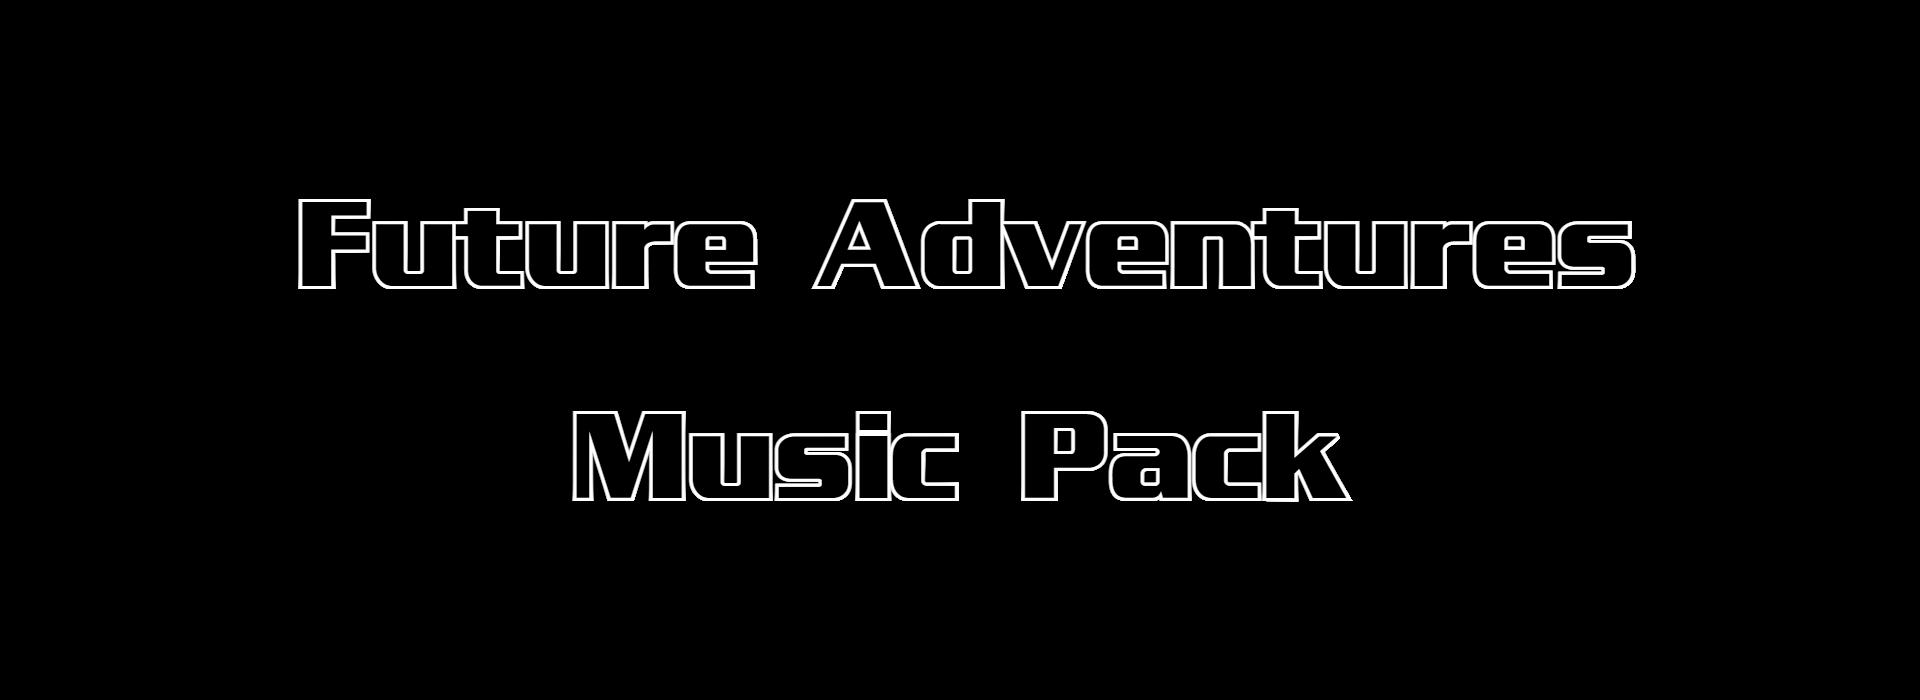 Future Adventures Music Pack